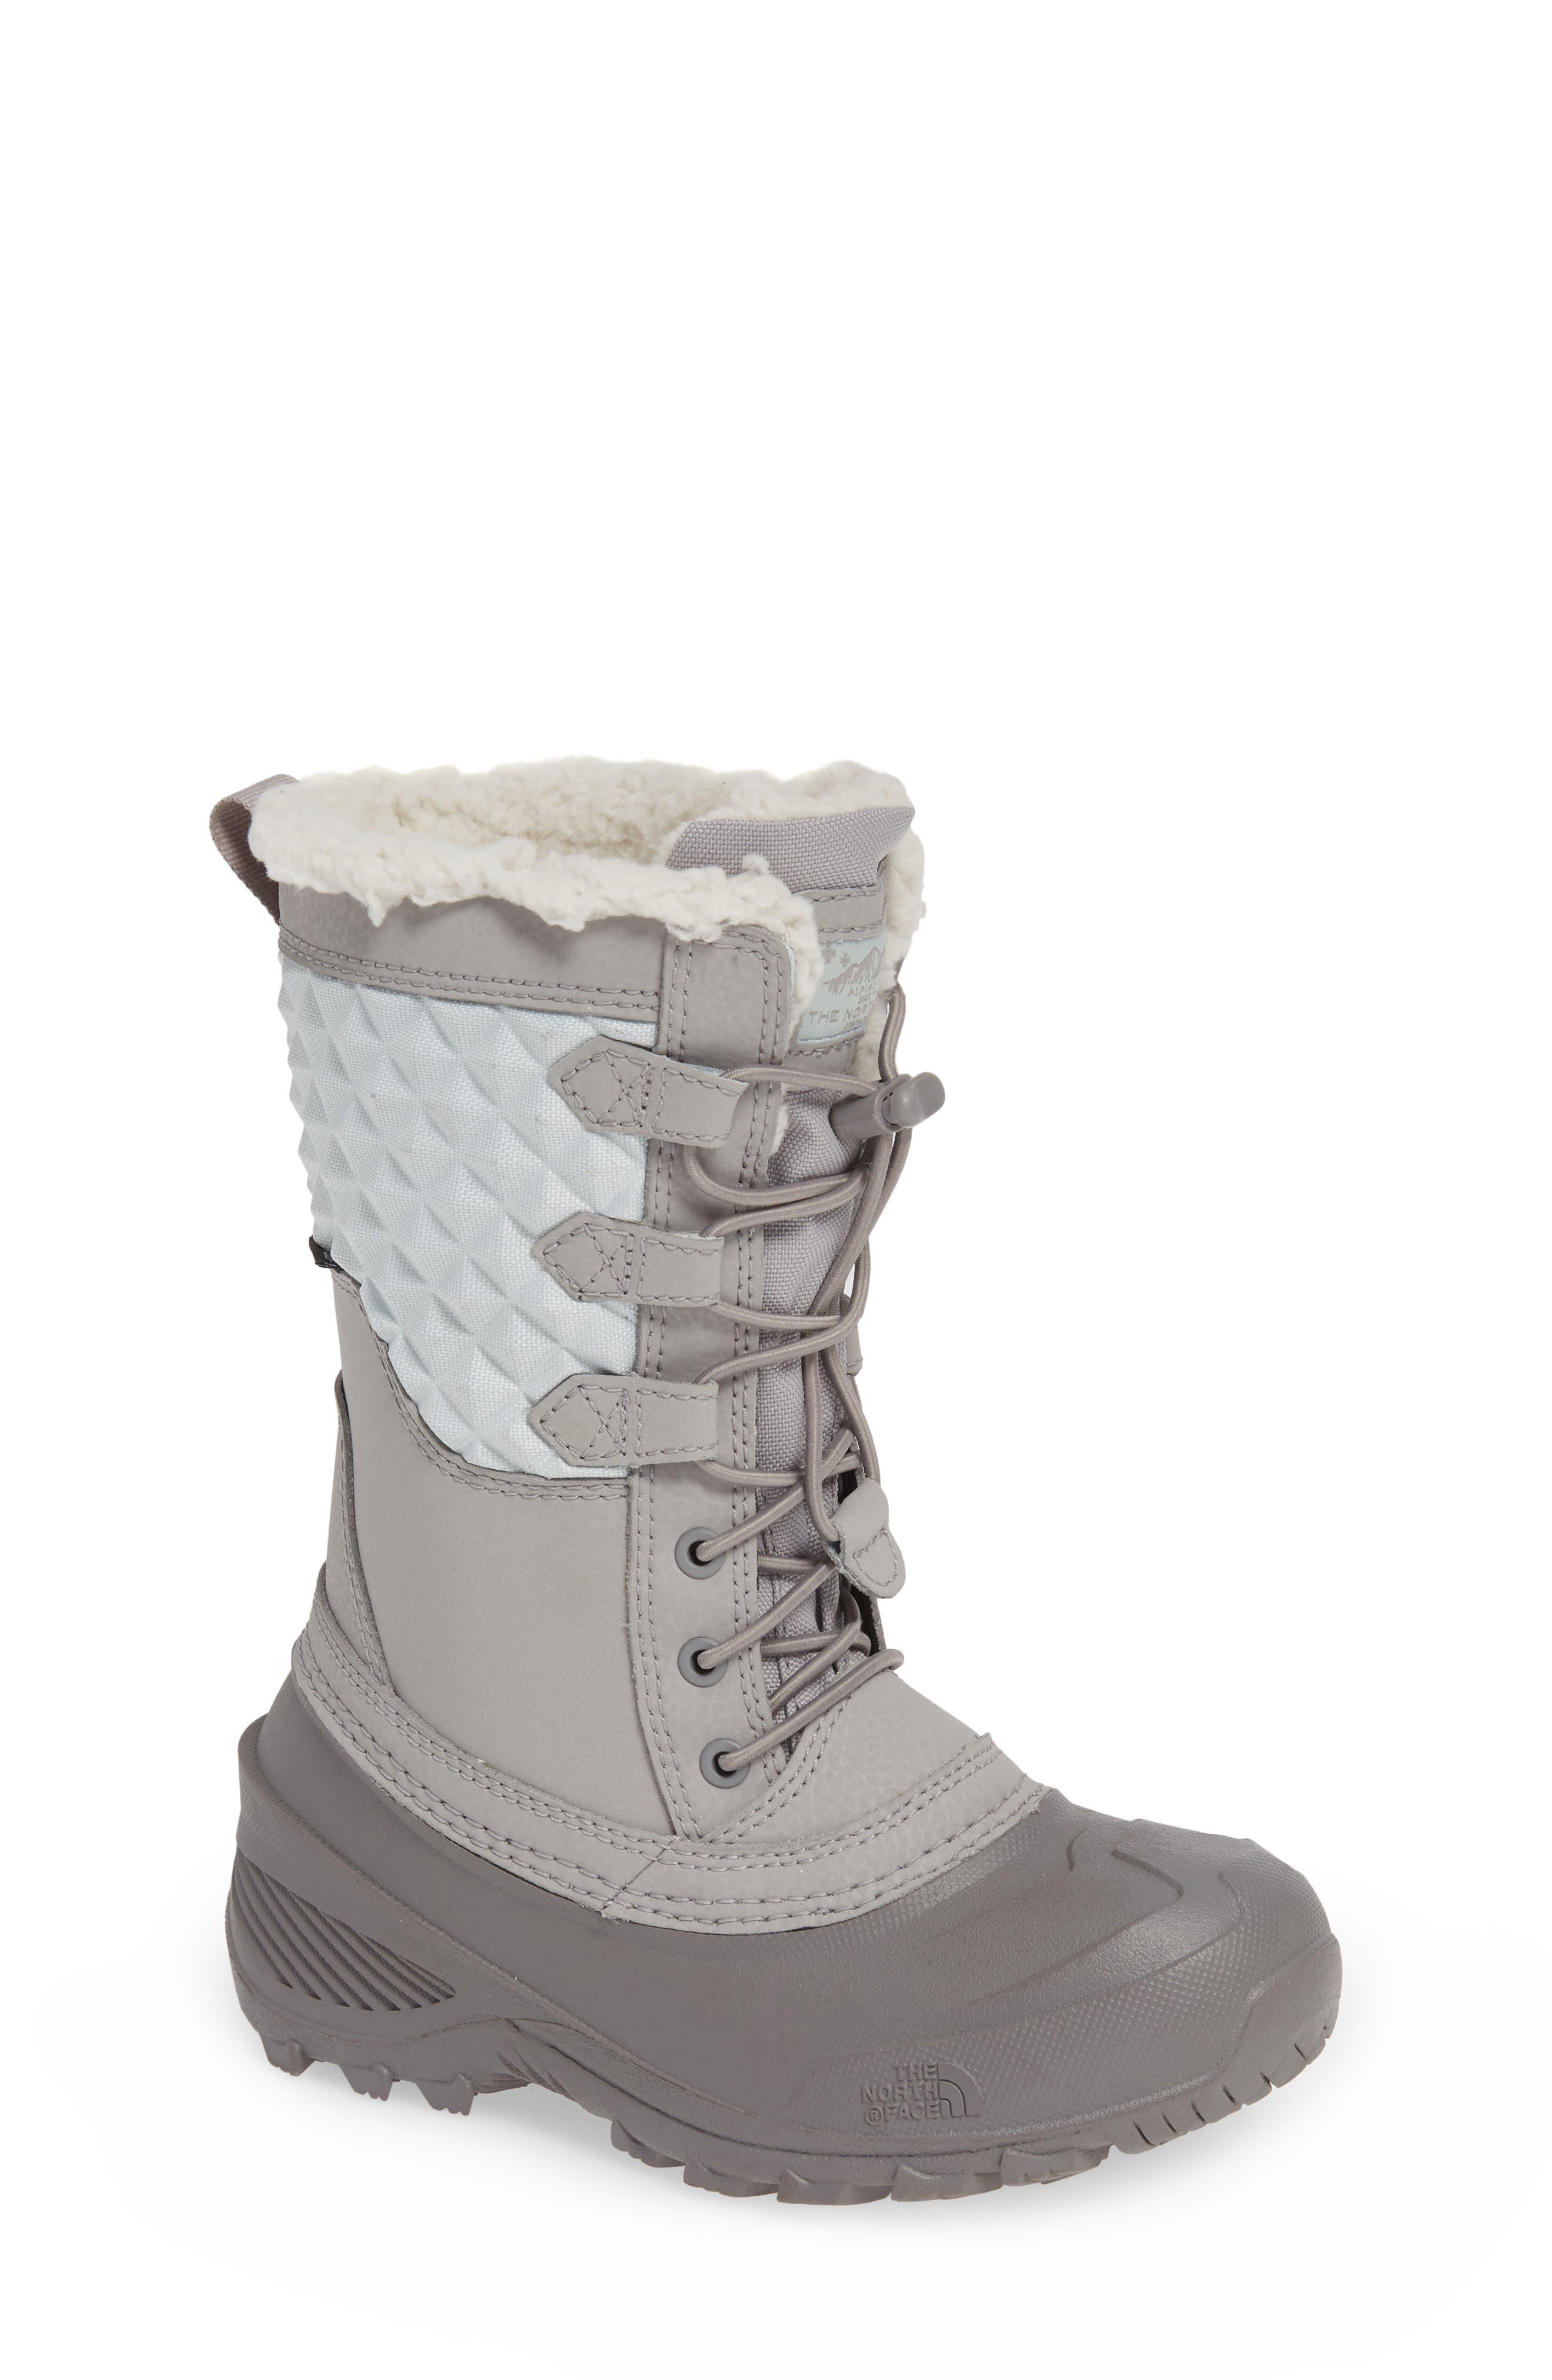 Shellista Lace III Faux Fur Waterproof Boot,                         Main,                         color, 030